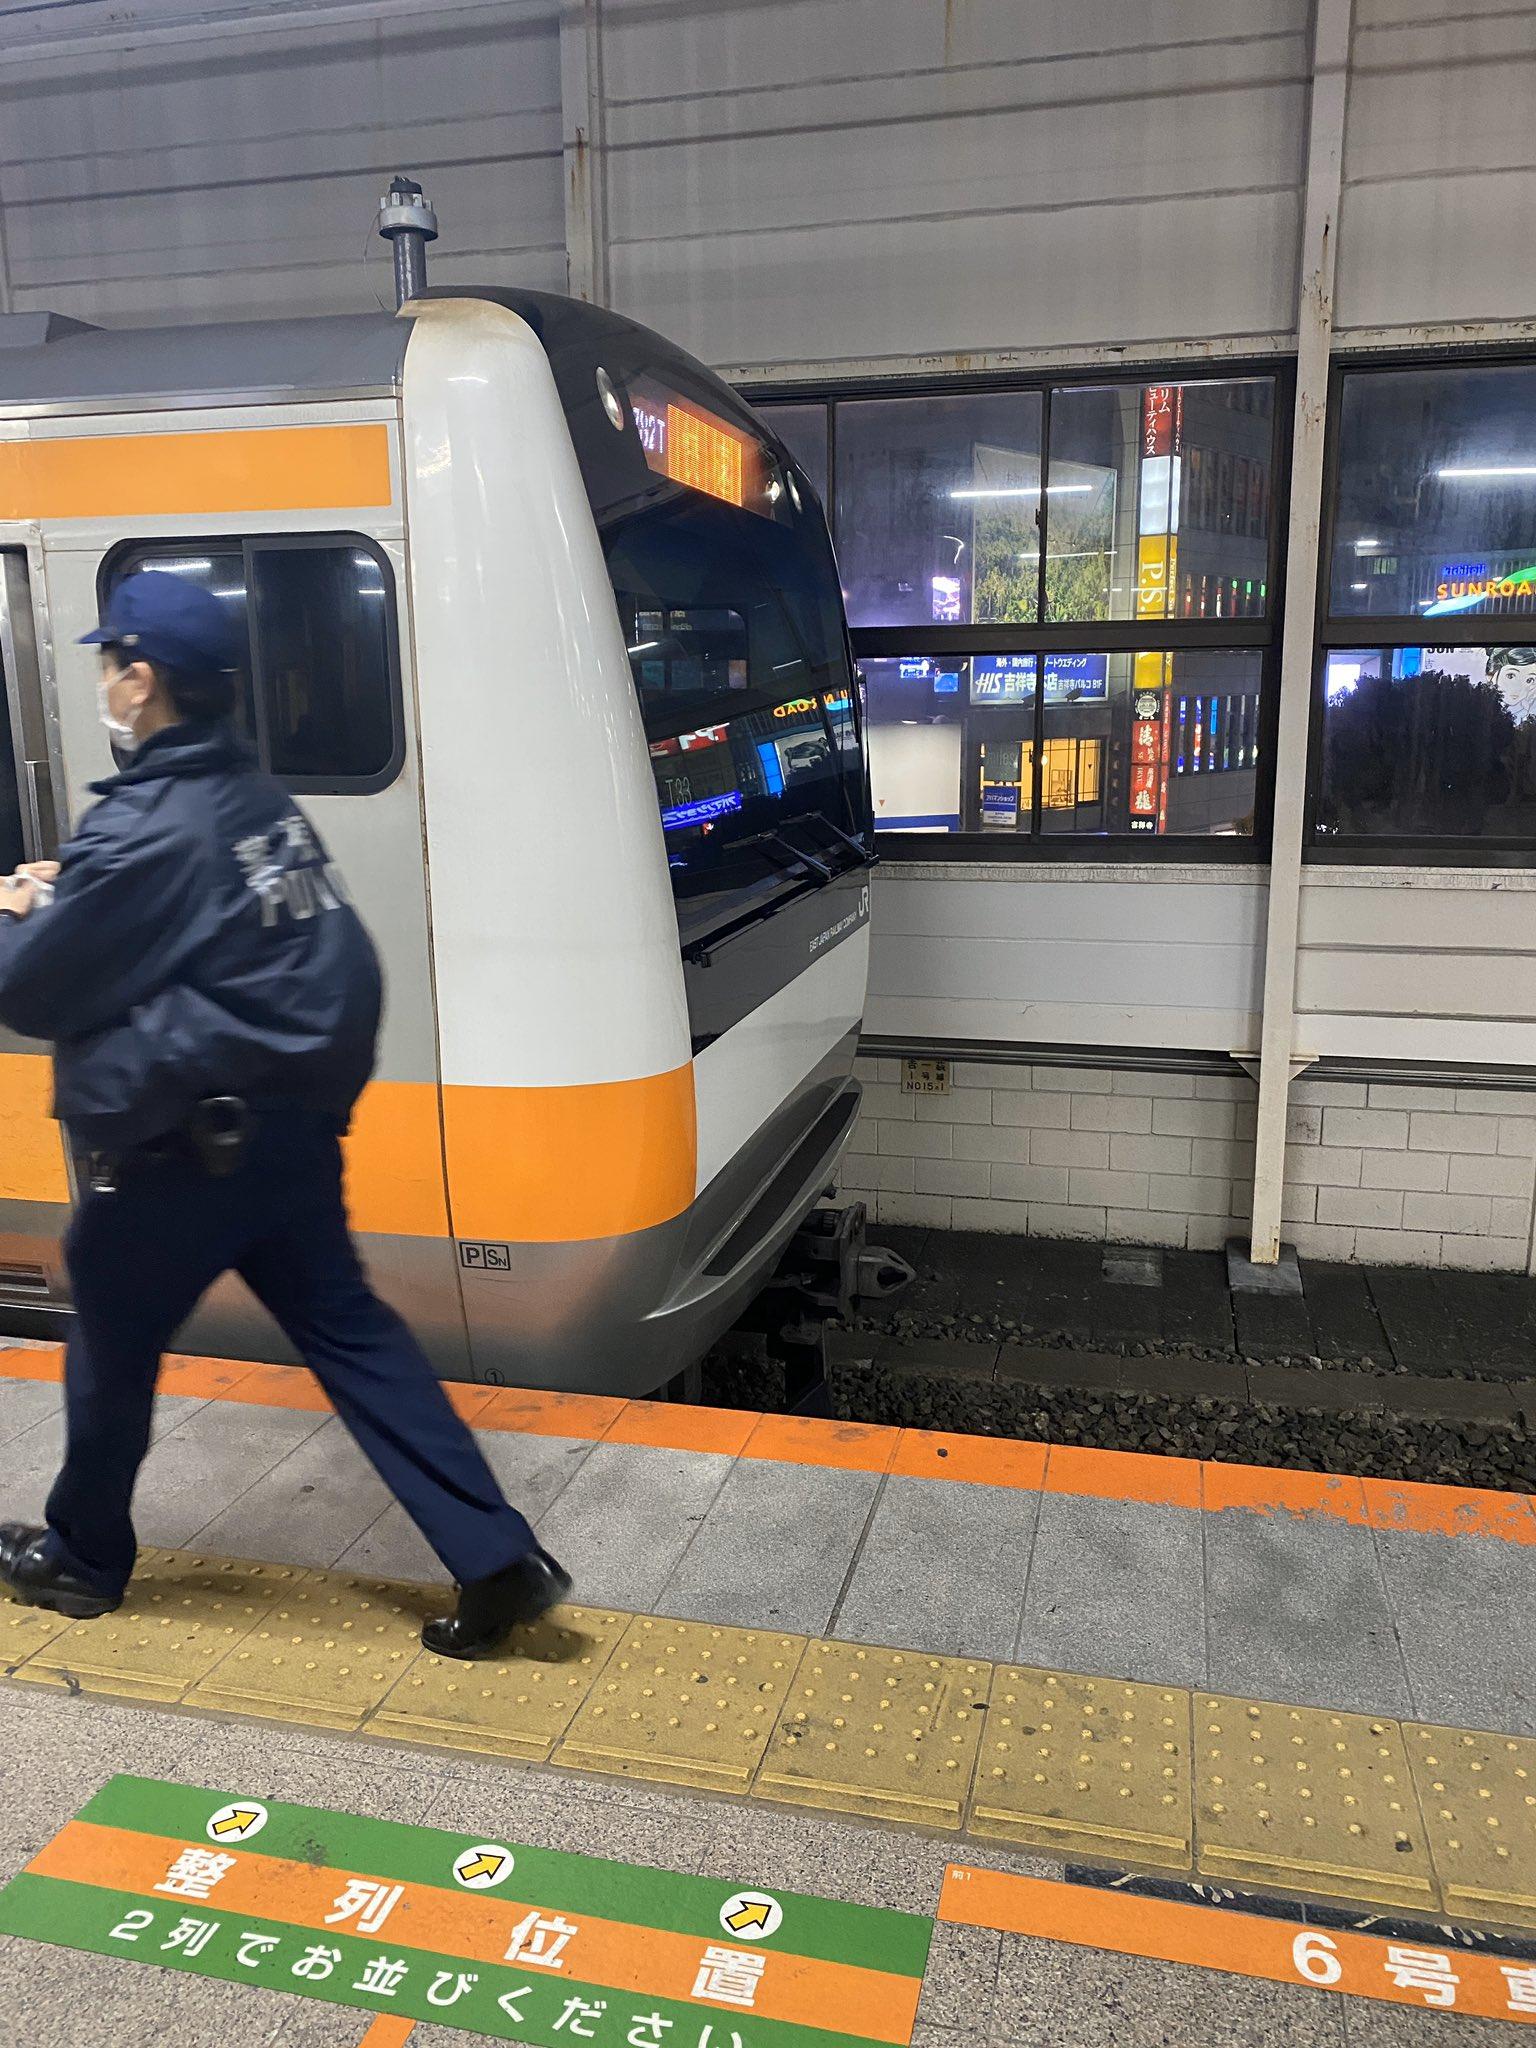 中央線の吉祥寺駅で人身事故が発生した現場の画像